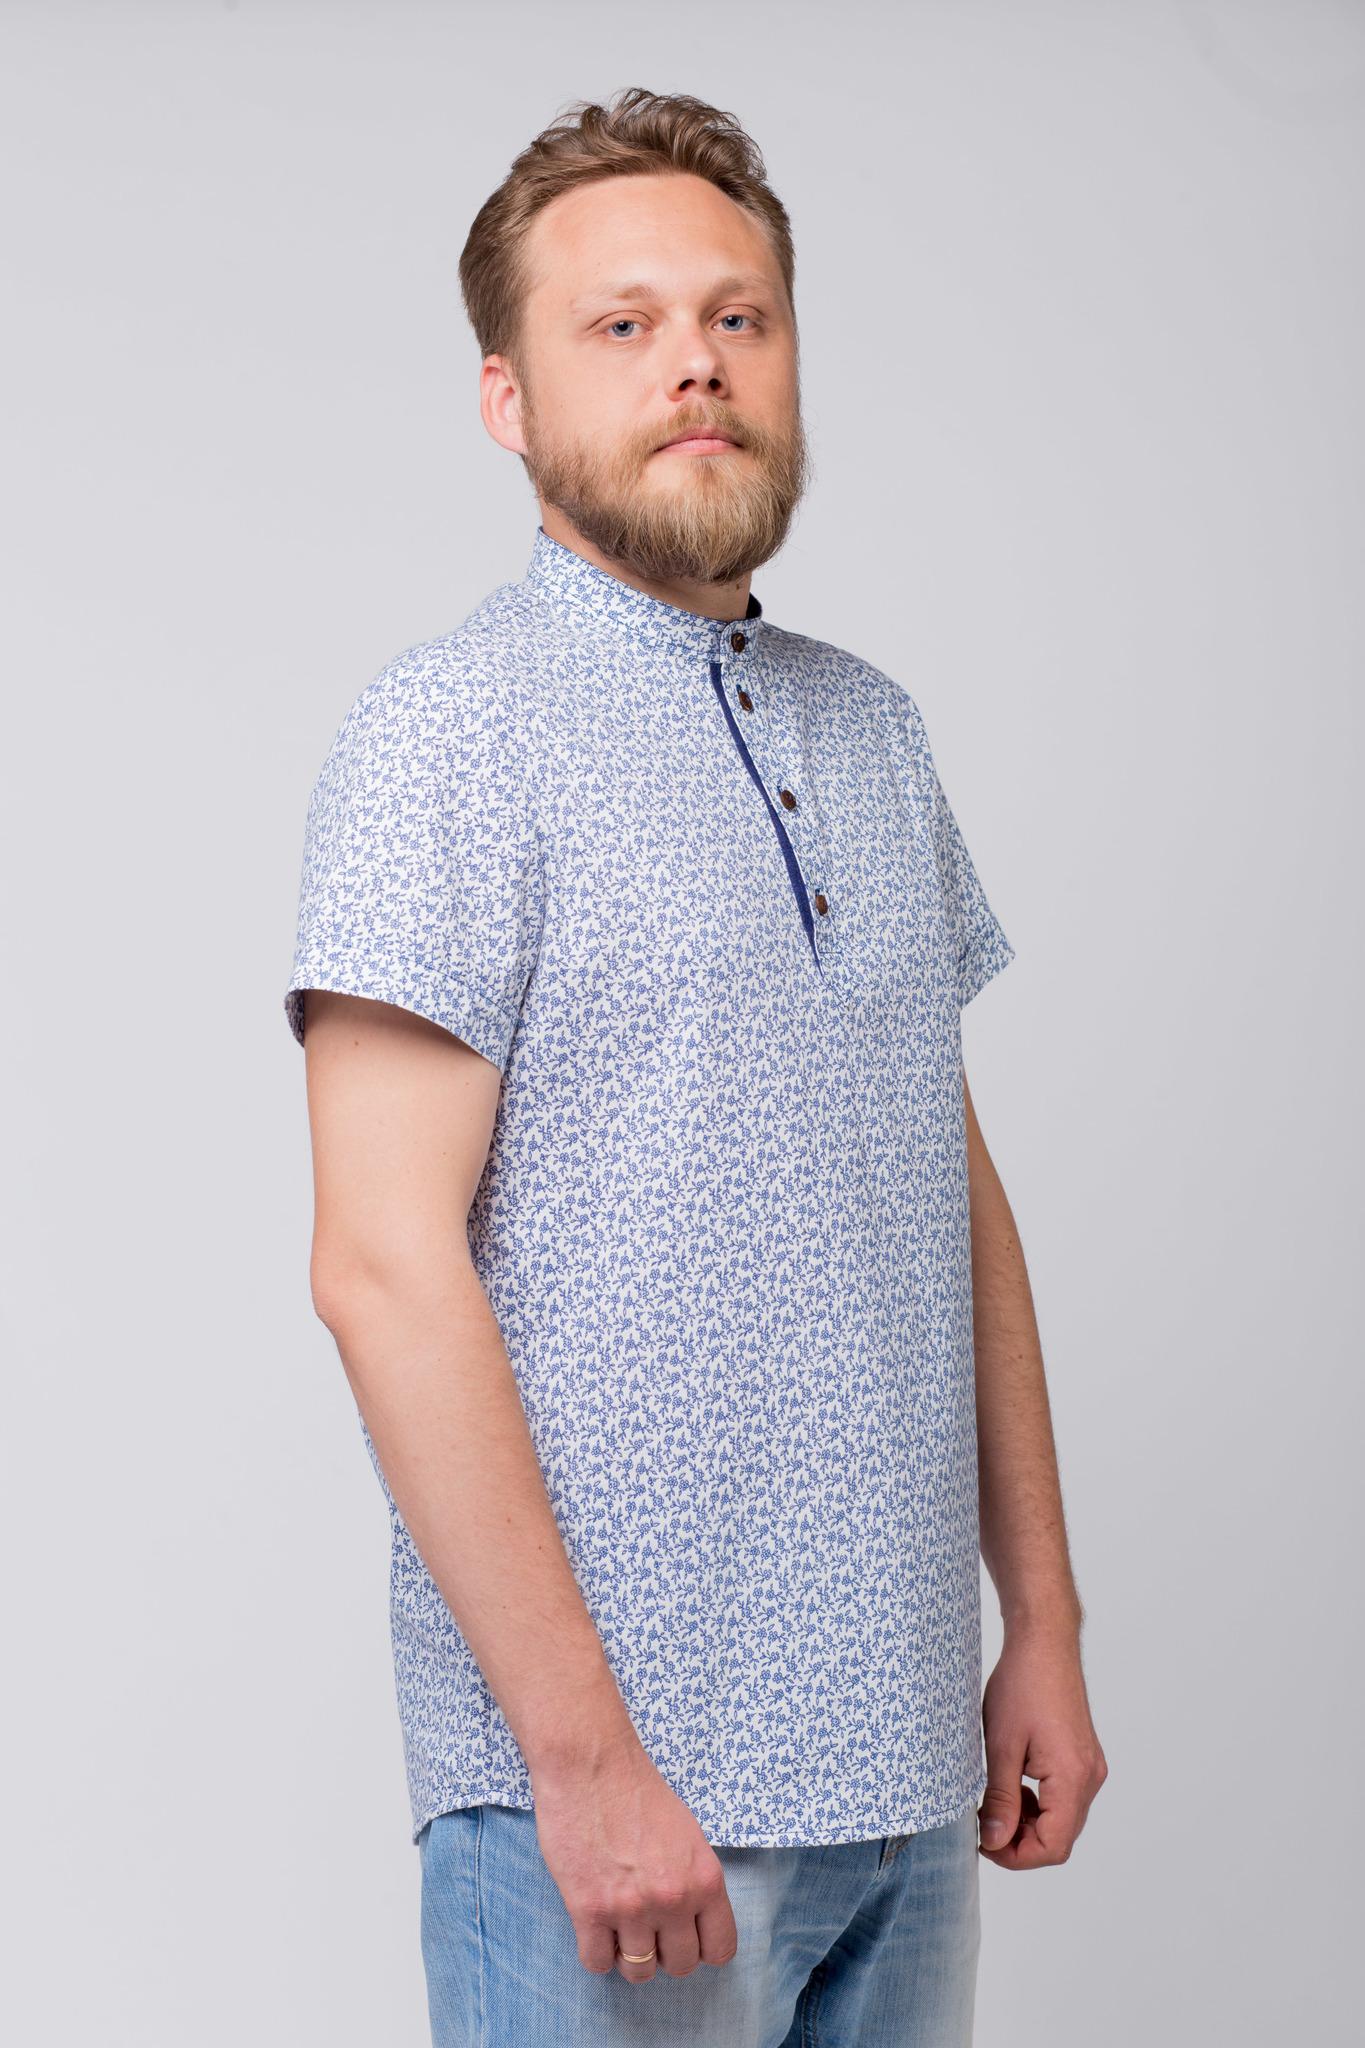 Рубашка льняная Енисейская купить